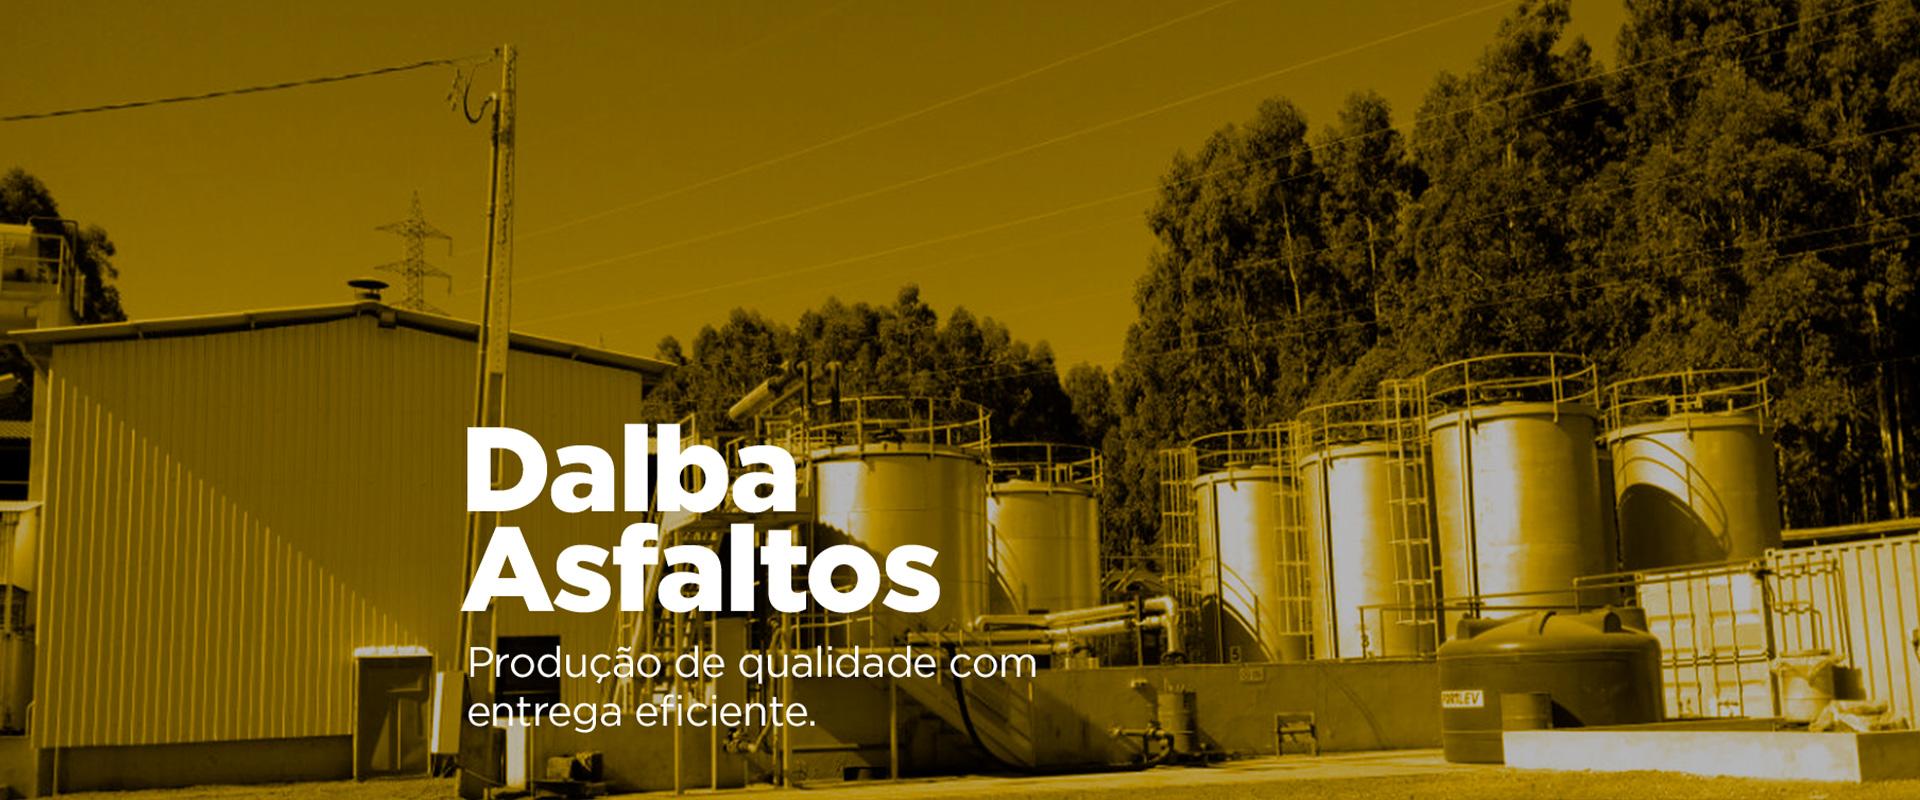 Dalba Asfaltos